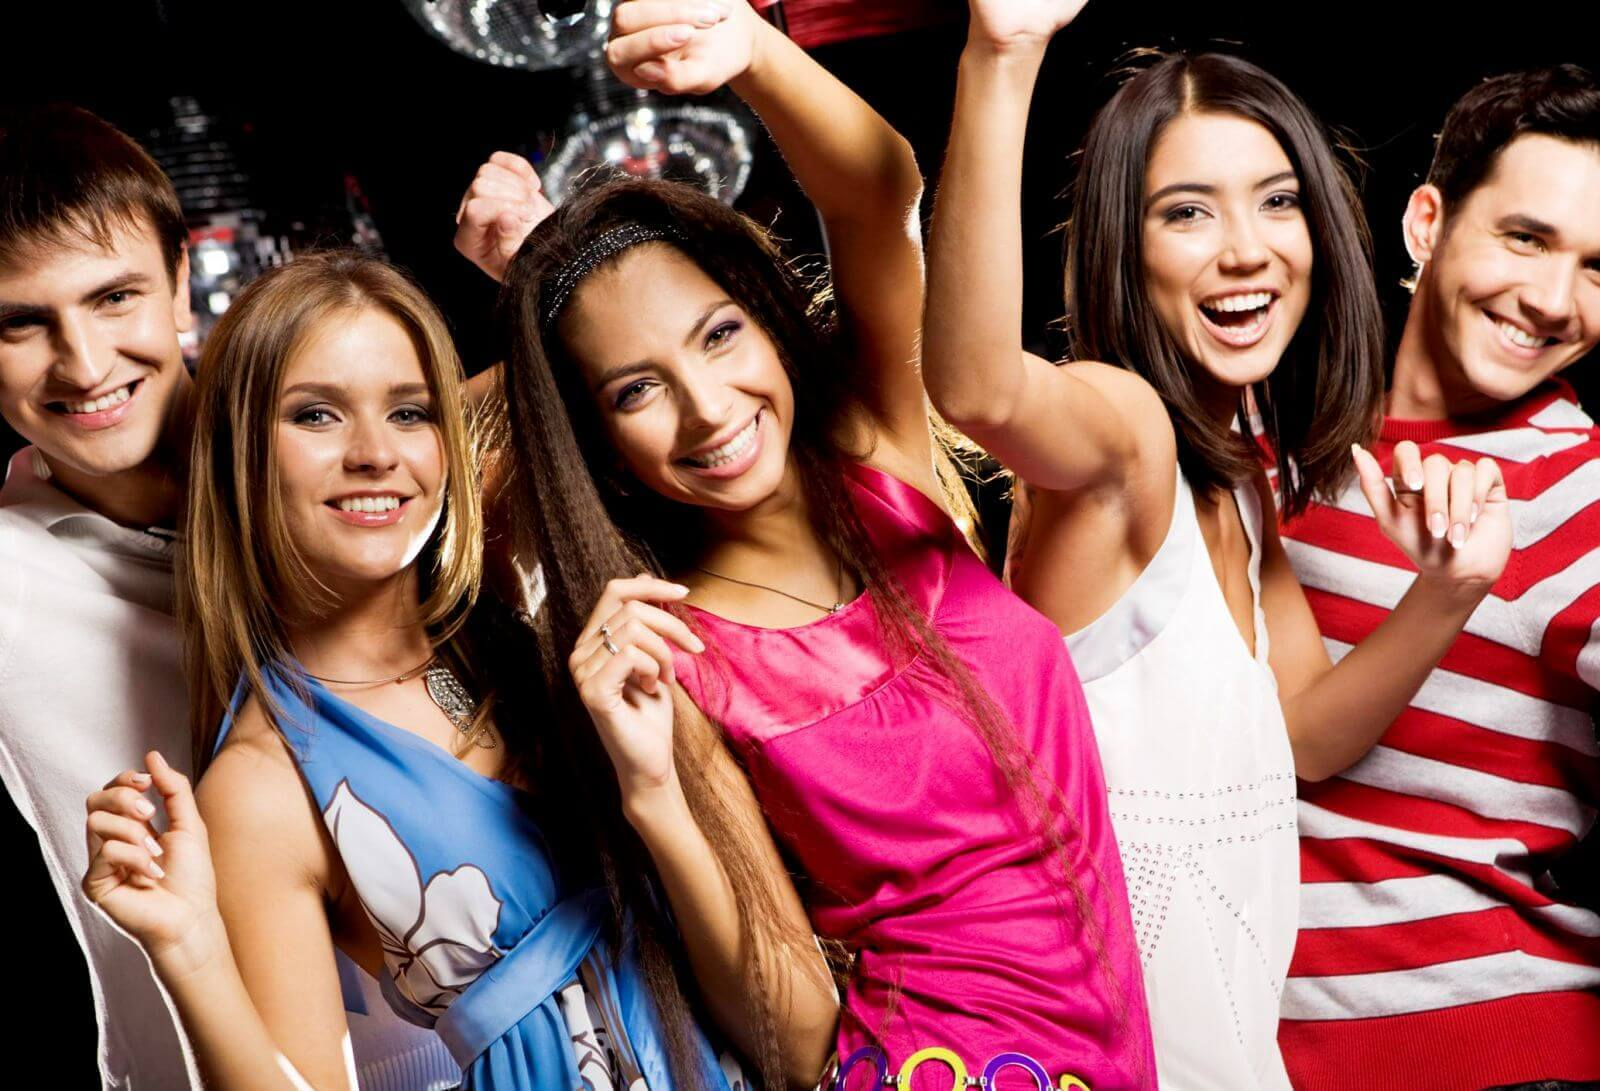 Фото к новости Квест-рум – розвага для молоді